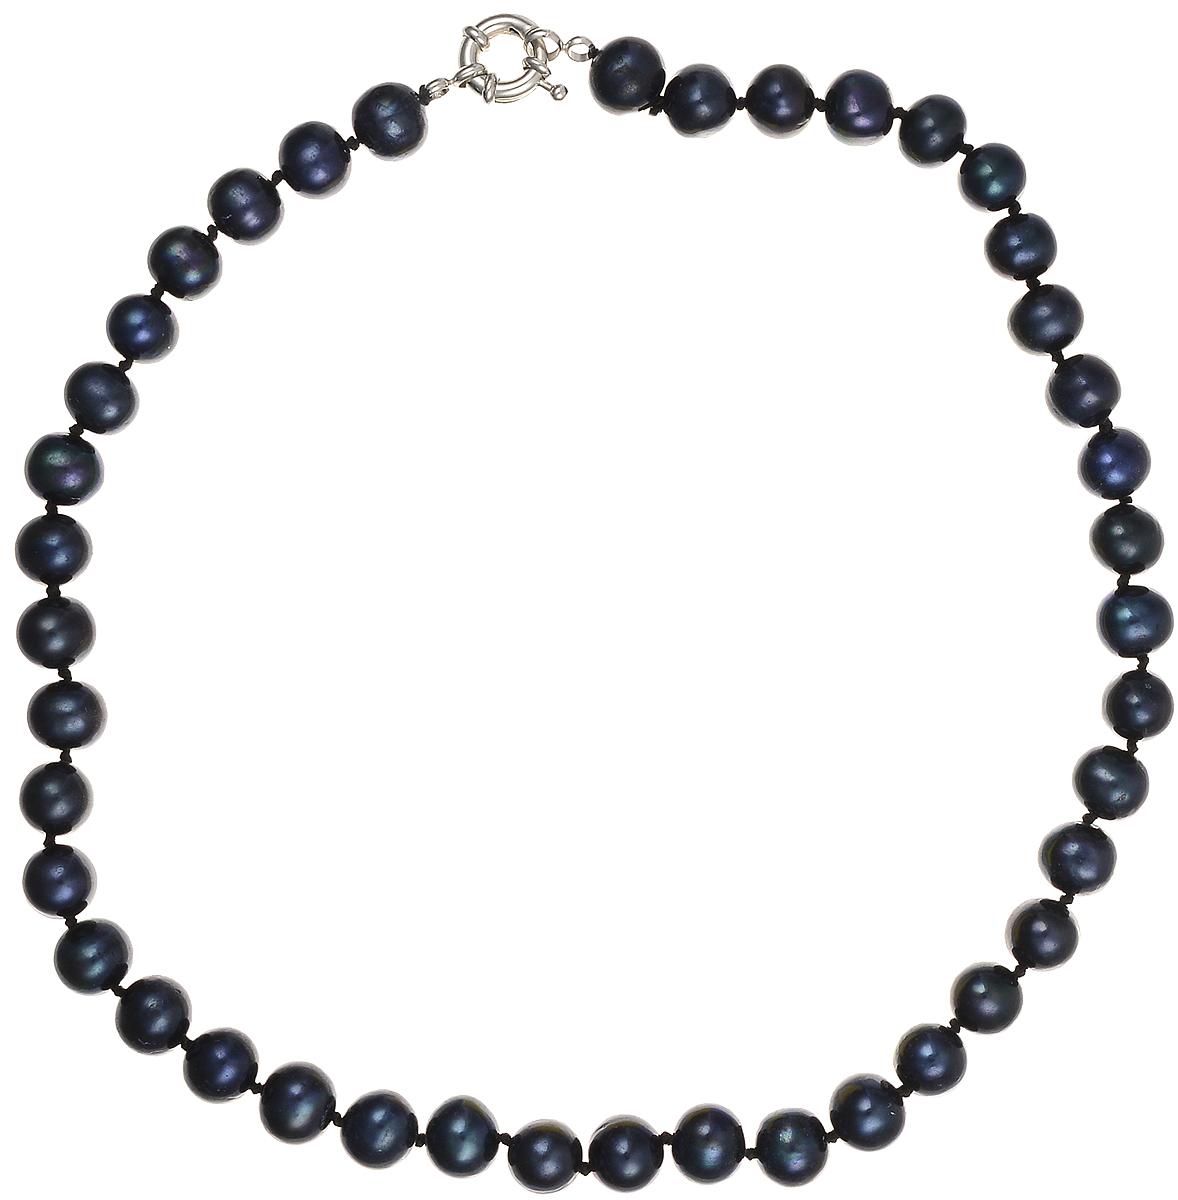 Бусы Art-Silver, цвет: синий, длина 45 см. КЖ9-10АА45-1173КЖ9-10АА45-1173Бусы Art-Silver подчеркнут изящество и непревзойденный вкус своей обладательницы. Они выполнены из бижутерного сплава и культивированного жемчуга диаметром 9 мм. Изделие оснащено удобным замком-карабином. Культивированный жемчуг - это практичный аналог природного жемчуга. Бусинки из прессованных раковин помещаются внутрь устрицы и возвращаются в воду. Когда бусины покрываются перламутром, их извлекают из моллюска. Форма жемчужины получается идеально ровной с приятным матовым блеском.